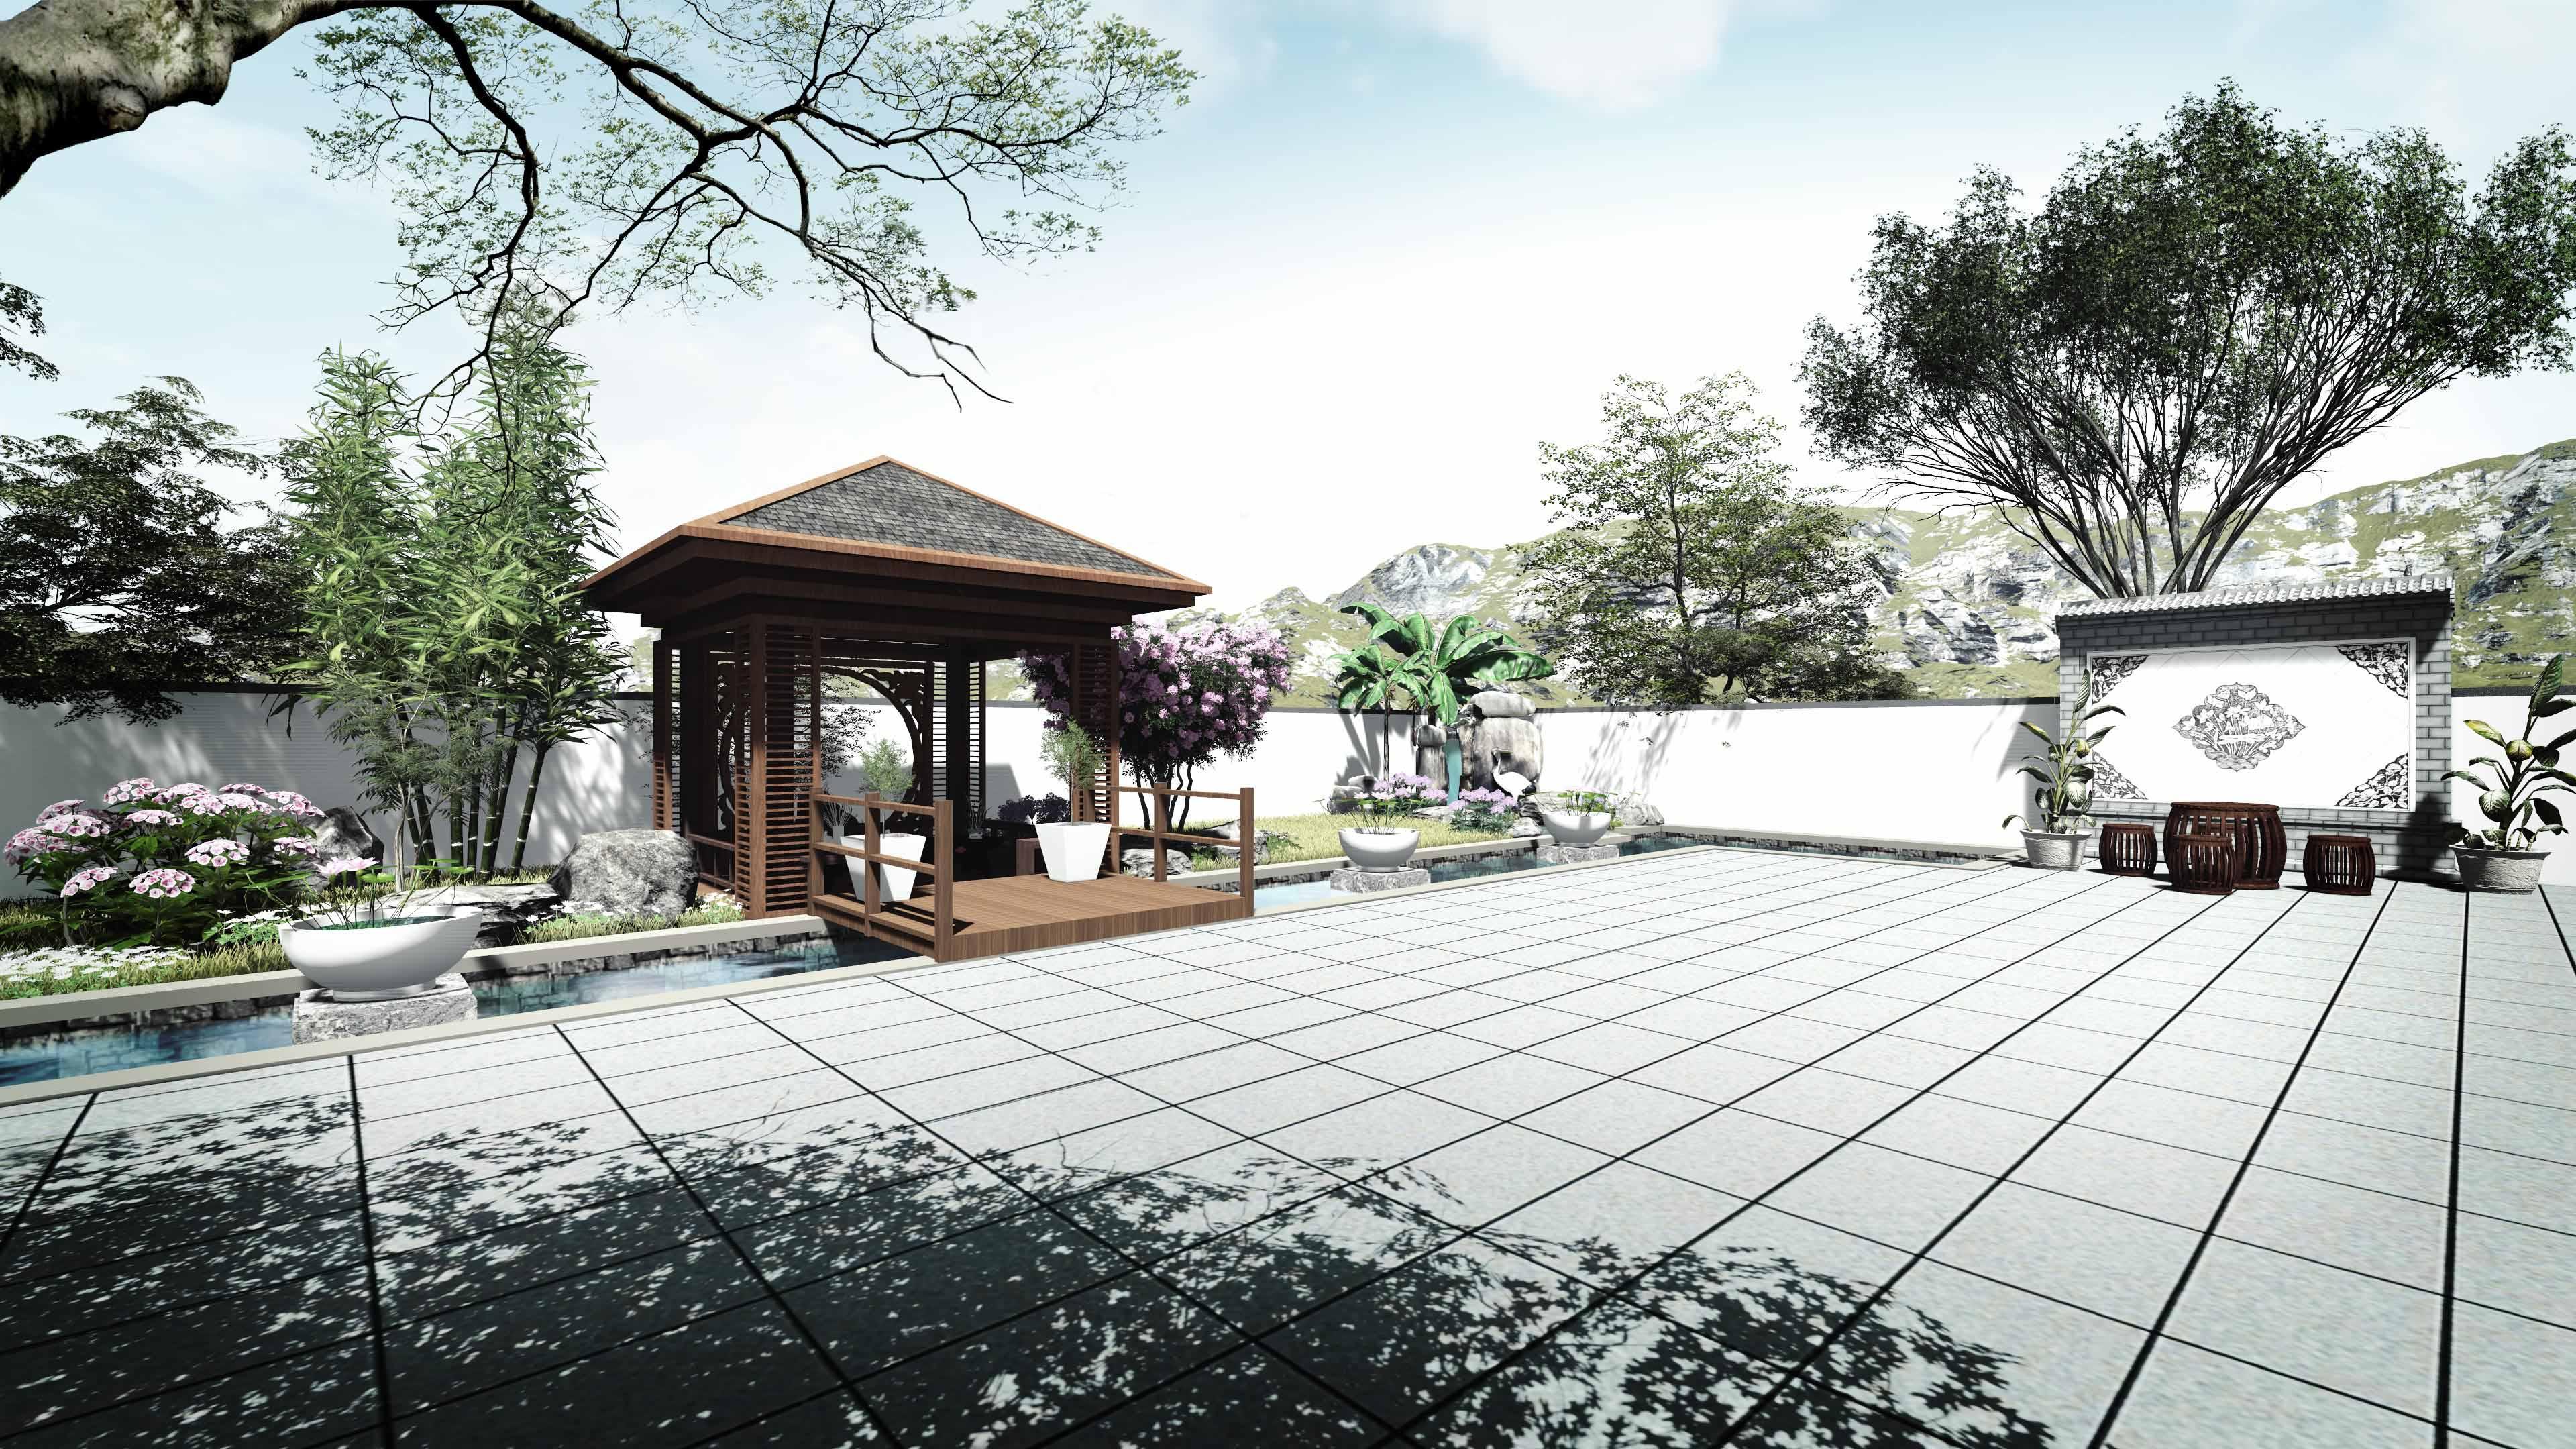 """公司承接庭院花园景观升级改造设计业务,""""专业,专注,博采,创新"""",把您"""